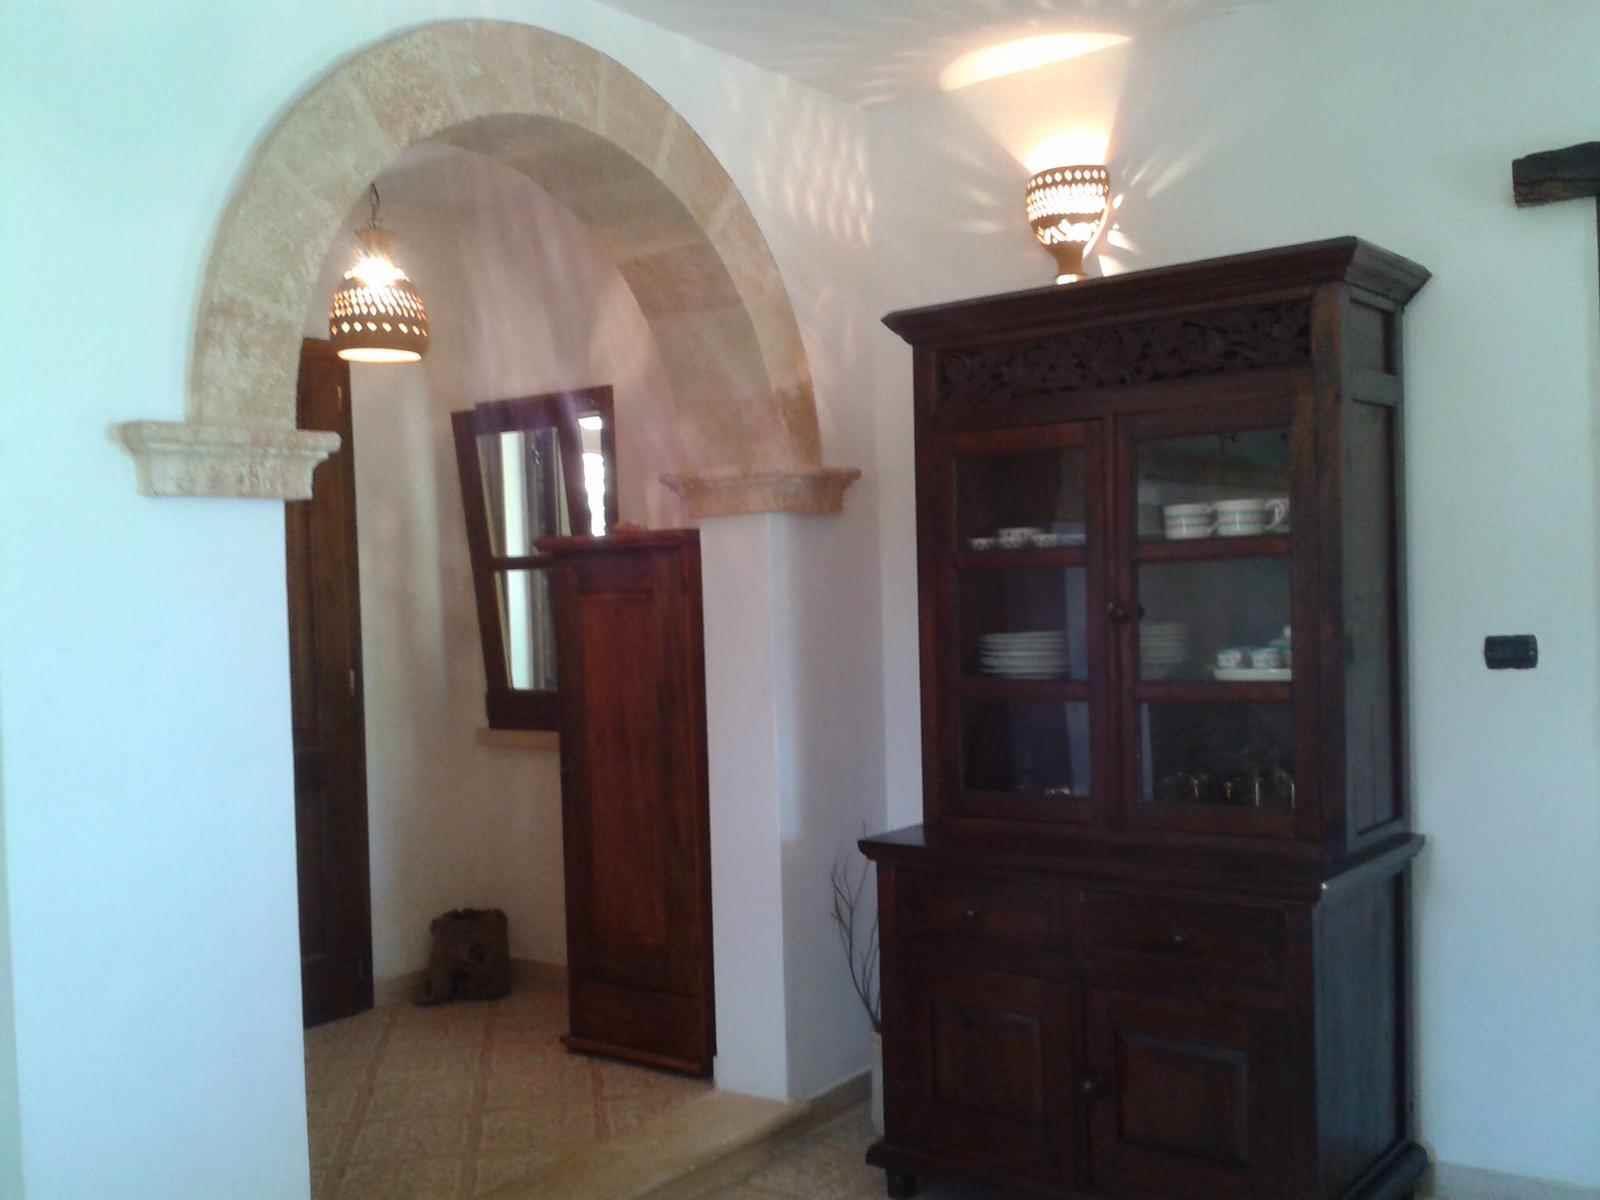 Apartment Mirto Sopra - casa in pietra sul mare photo 24830046